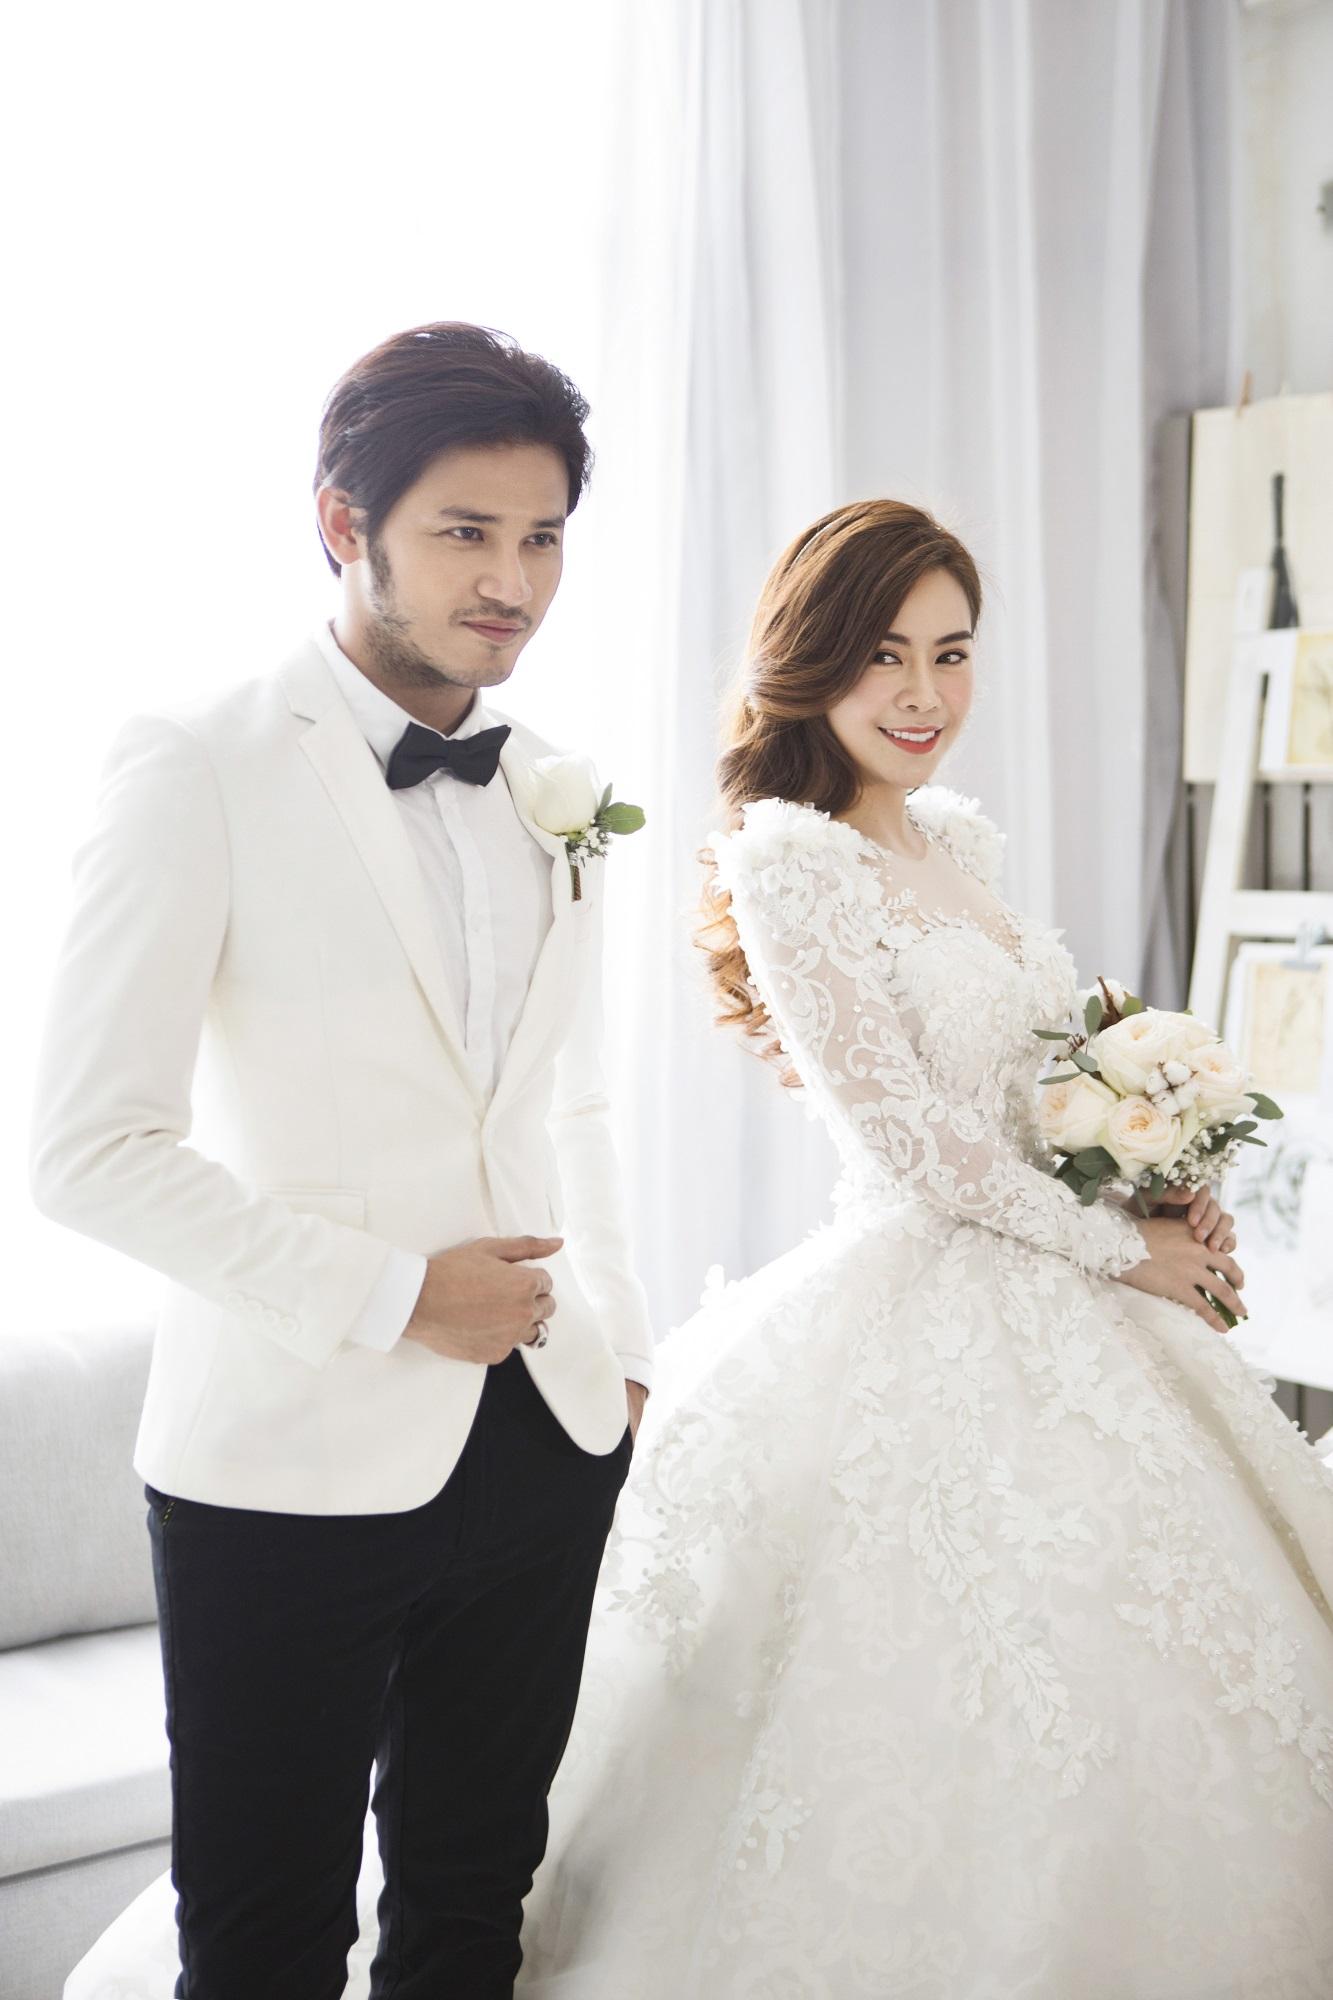 Diễn viên Gạo nếp gạo tẻ 'khoá môi' bạn trai ngọt ngào trong ảnh cưới - Ảnh 7